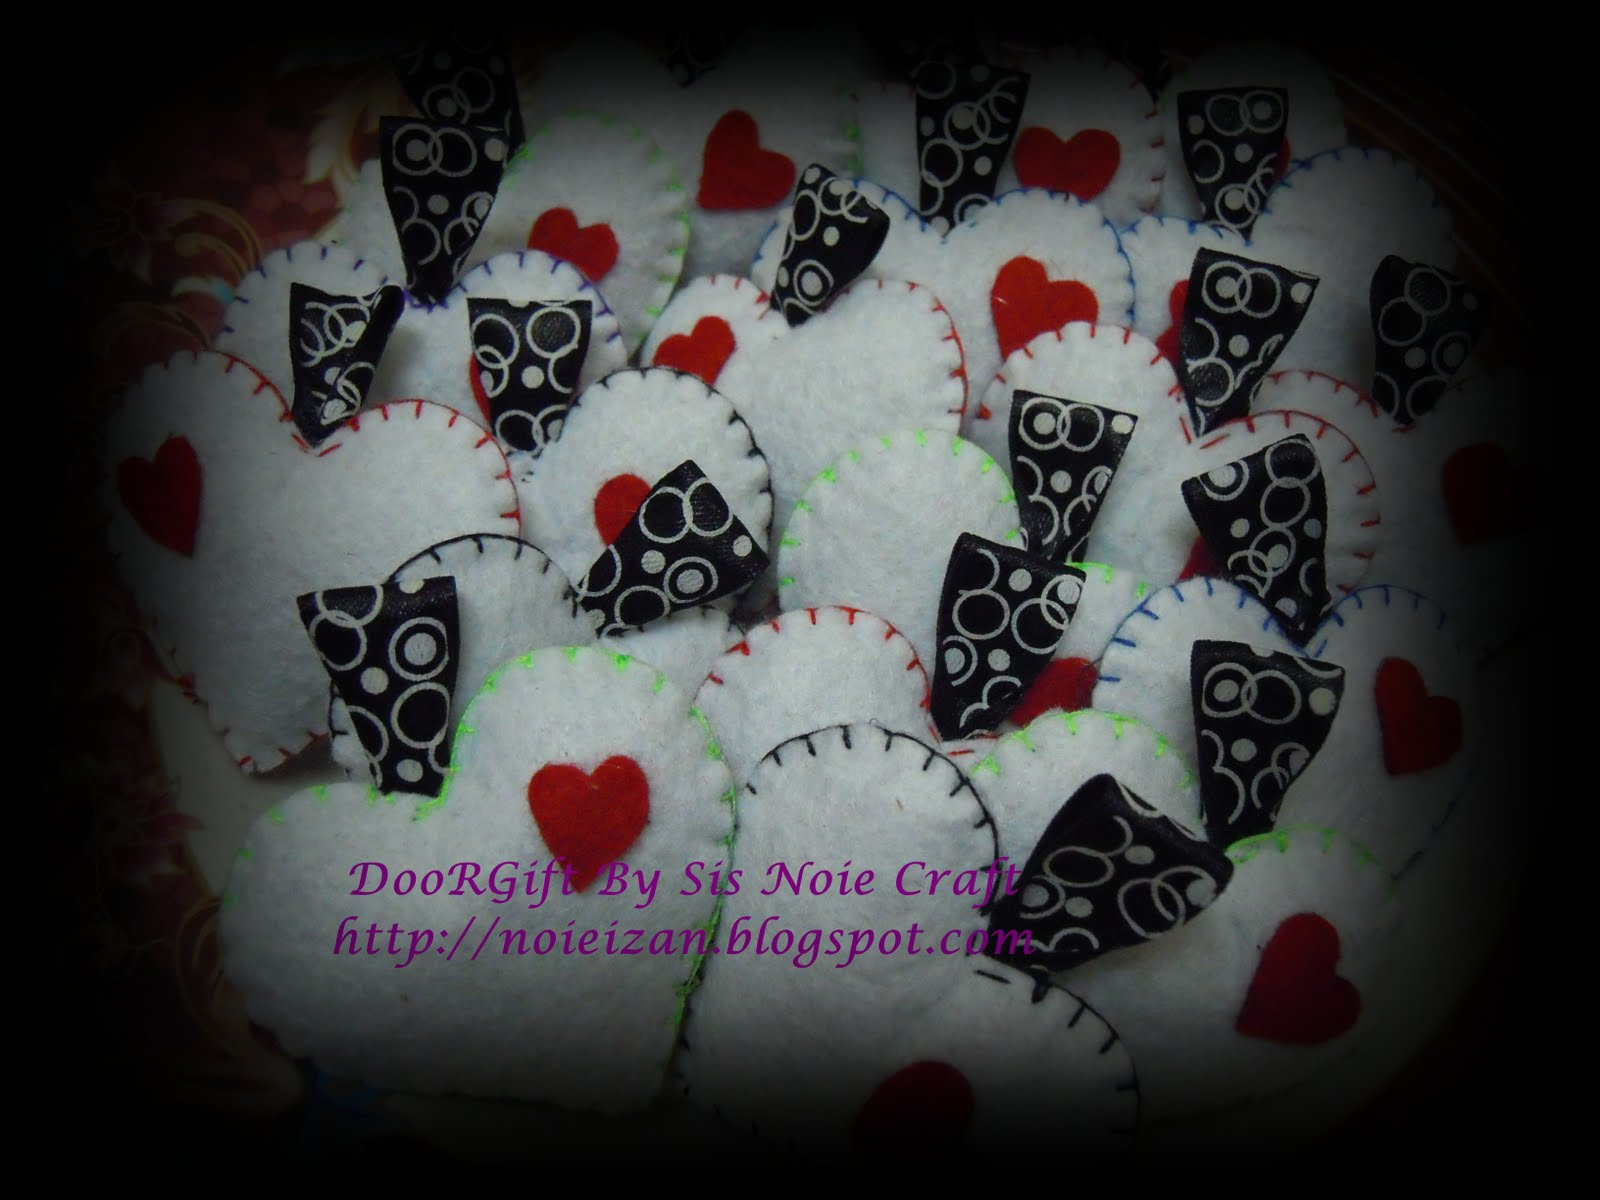 Wedding Door Gift Murah: :. Door Gift Felt Craft : Cantik Dan Murah! .: